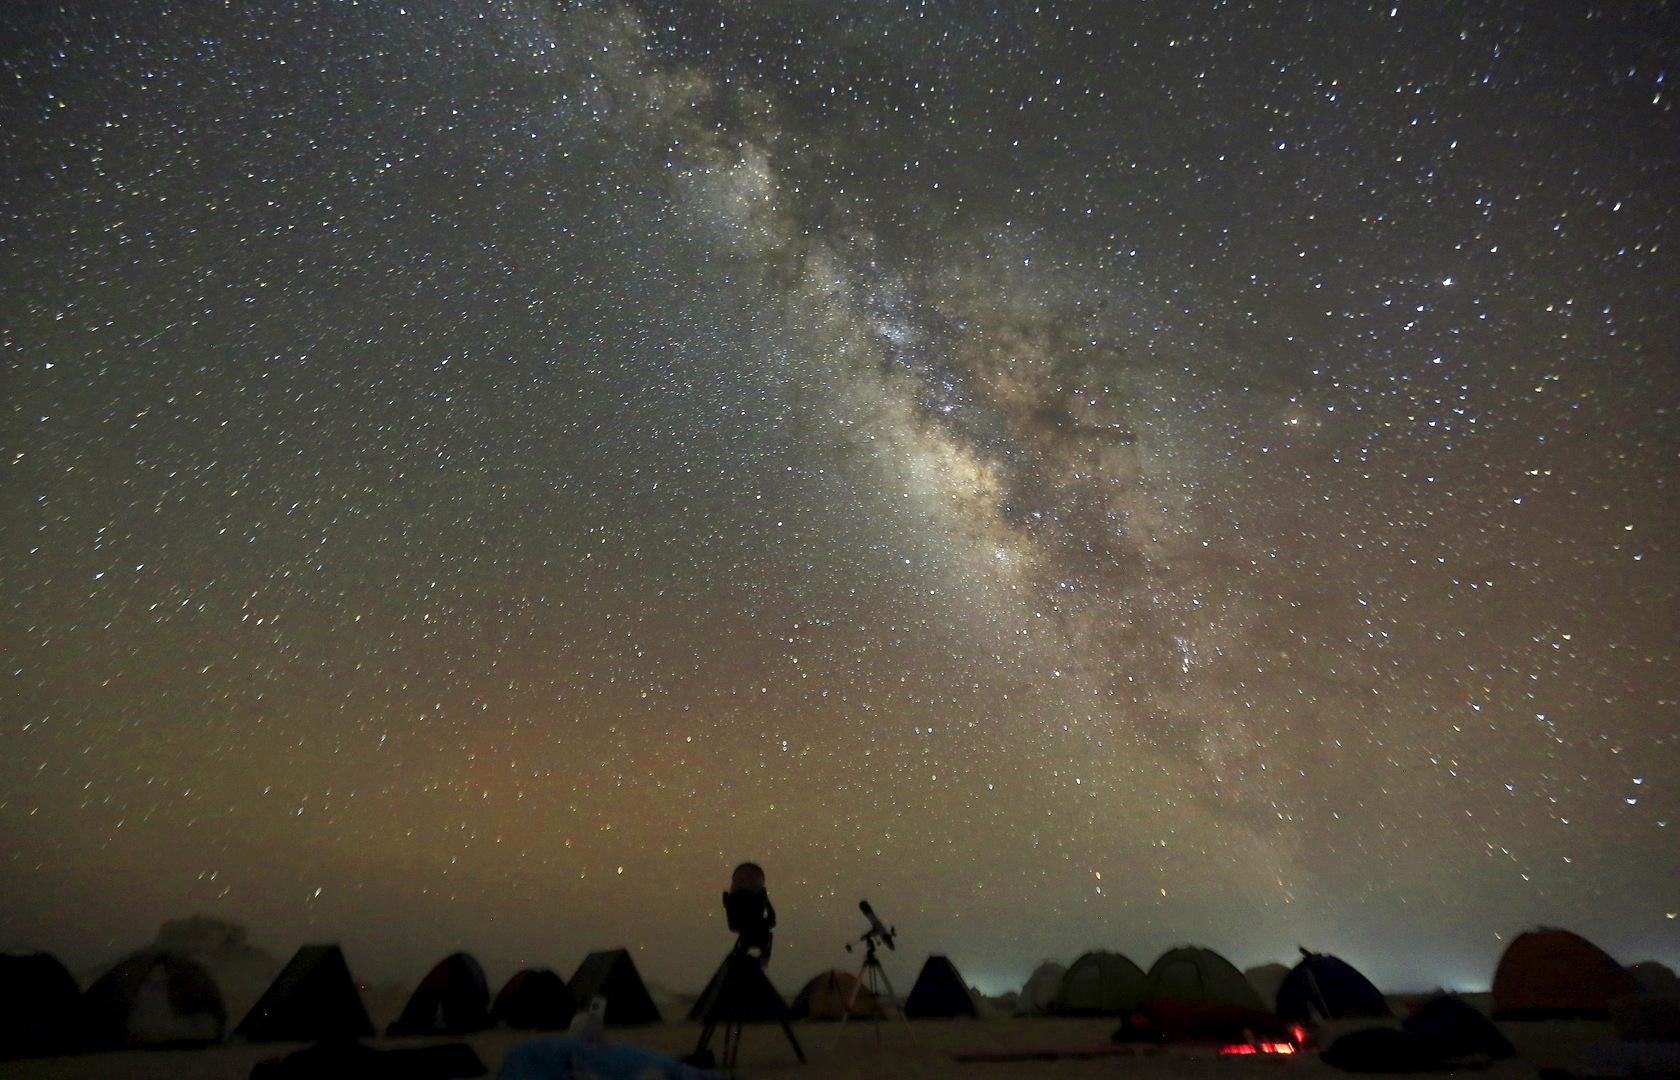 مصر سترصد الفضاء بثاني أكبر تلسكوب في العالم